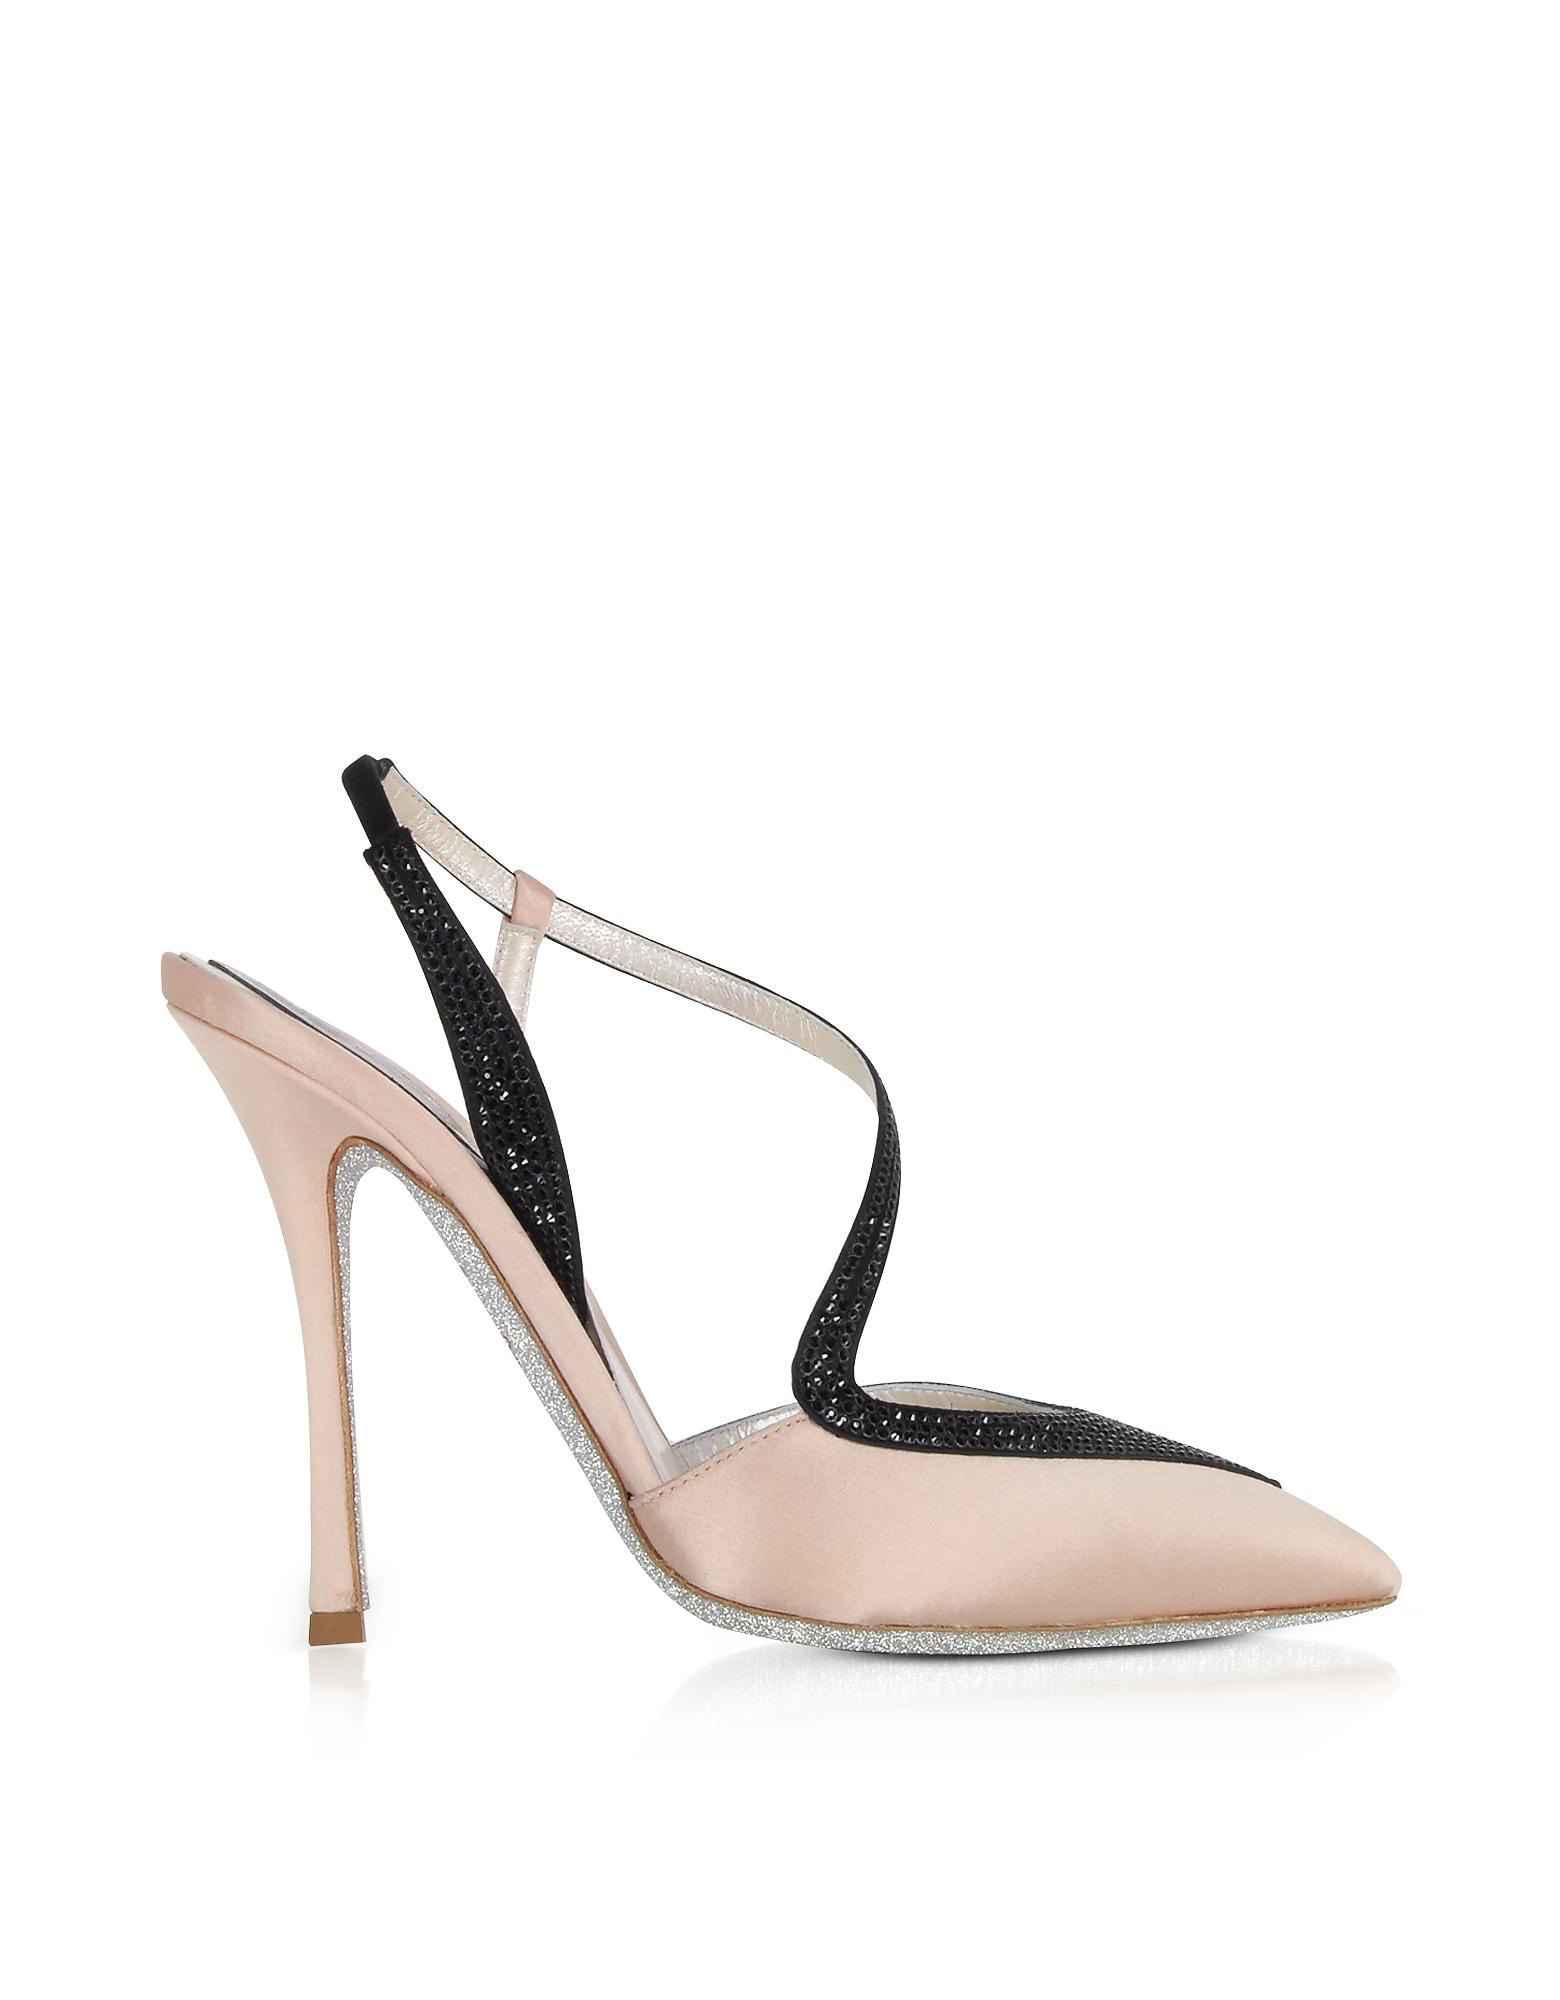 Rene Caovilla Shoes, Amanda Nude Satin Slingback Pumps w/Black Crystals